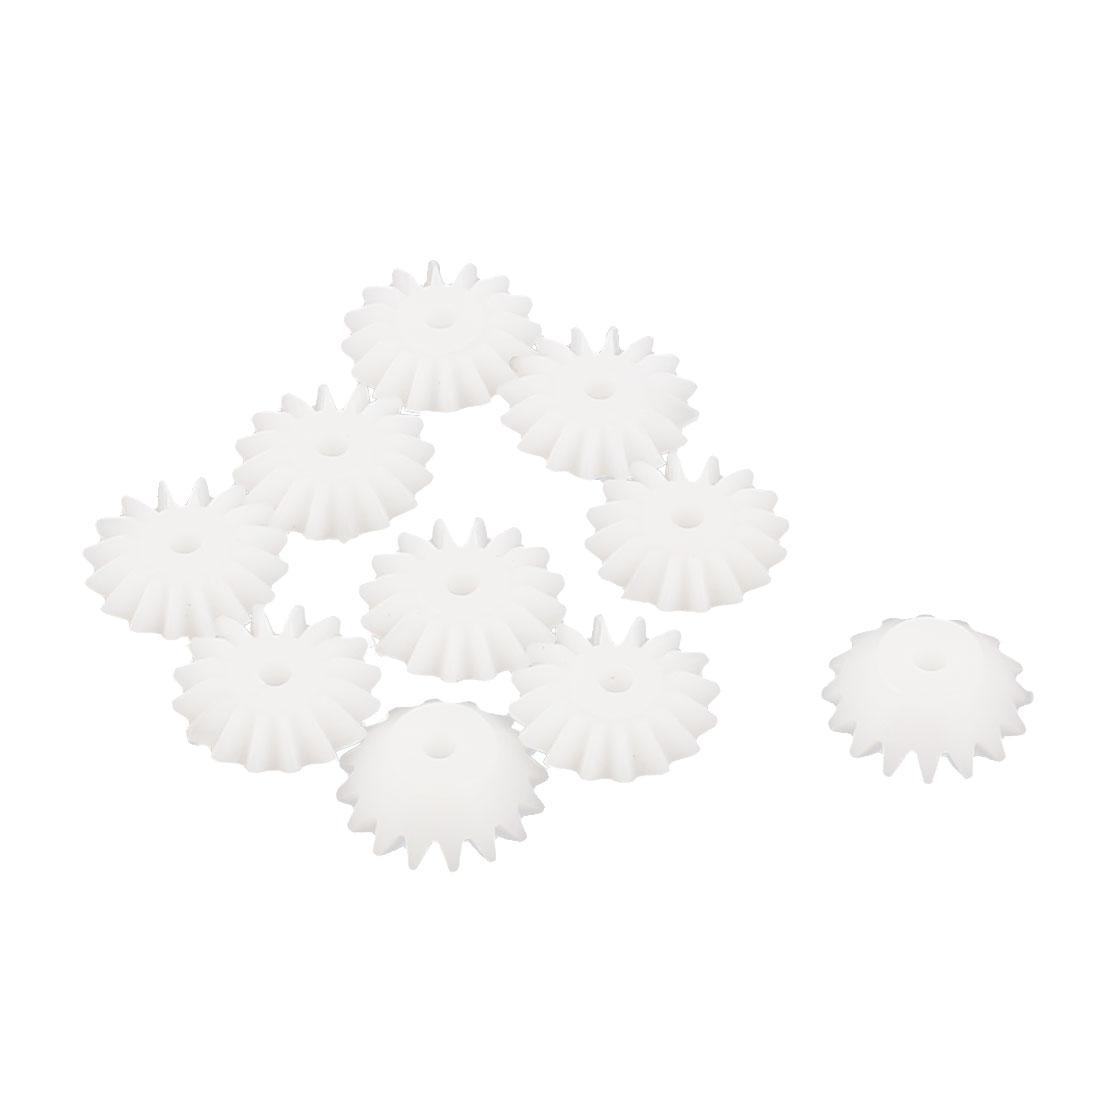 10Pcs 11mmx5mmx2mm 16 Teeth Umbrella Shape Bevel Gear for DIY RC Toy